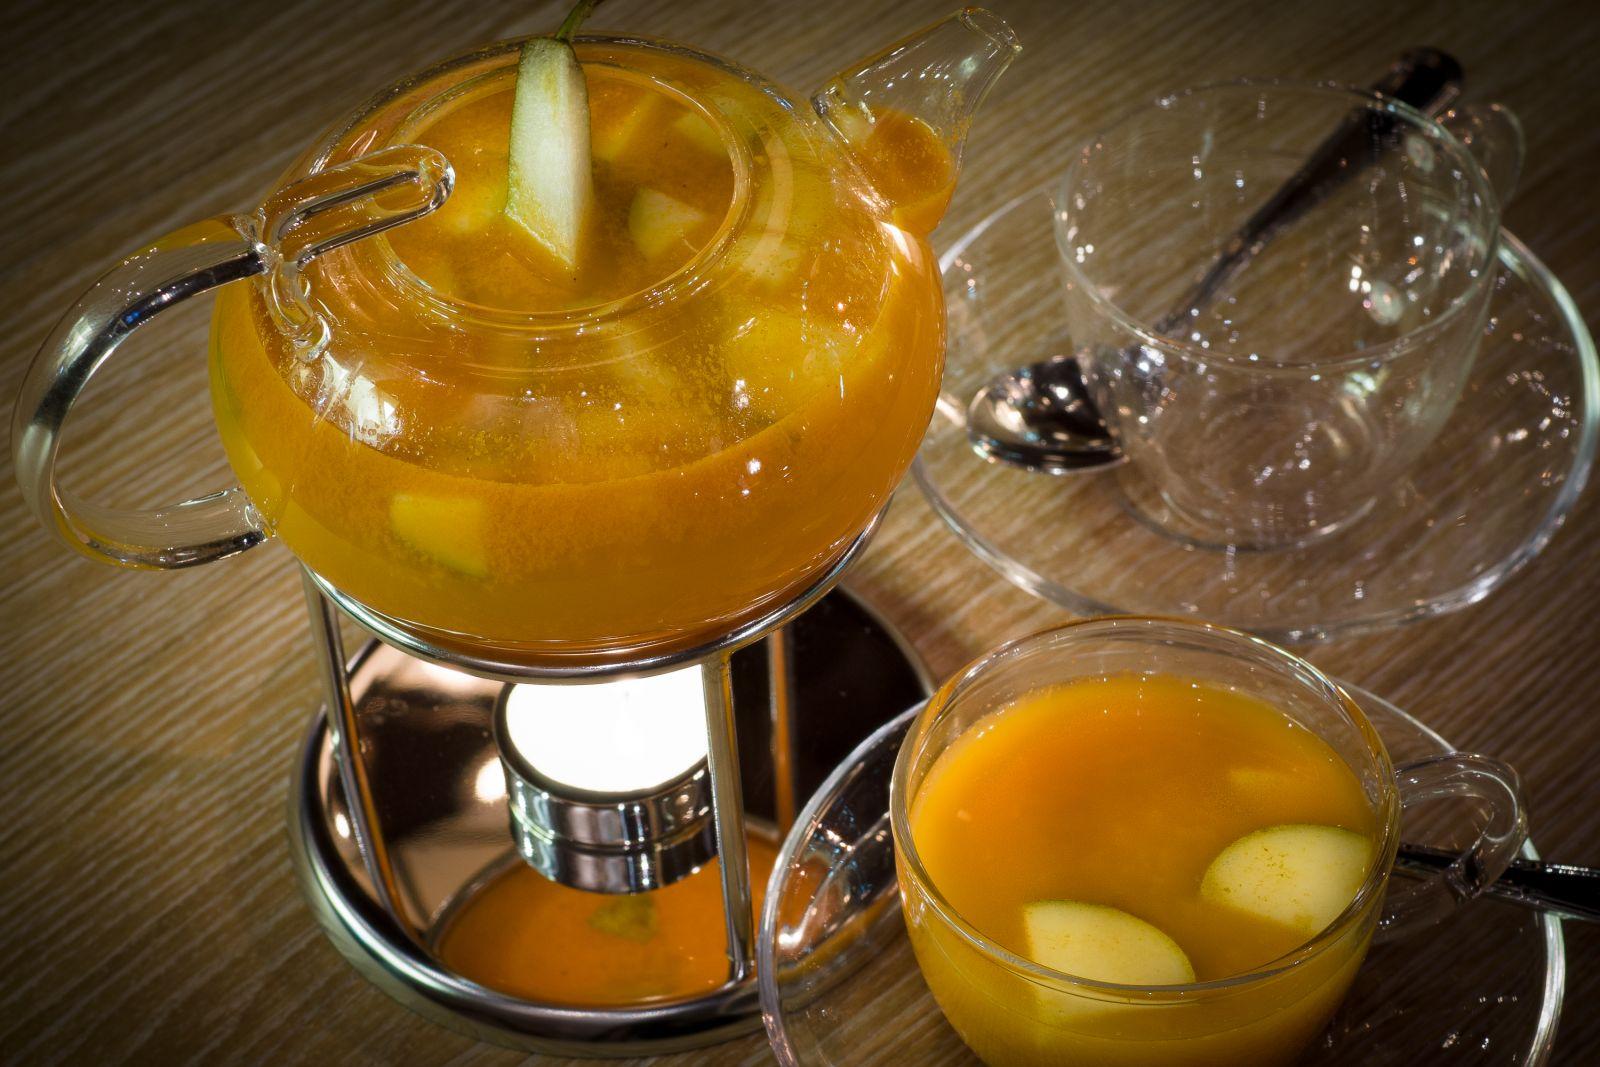 облепиховый чай с мандарином рецепт